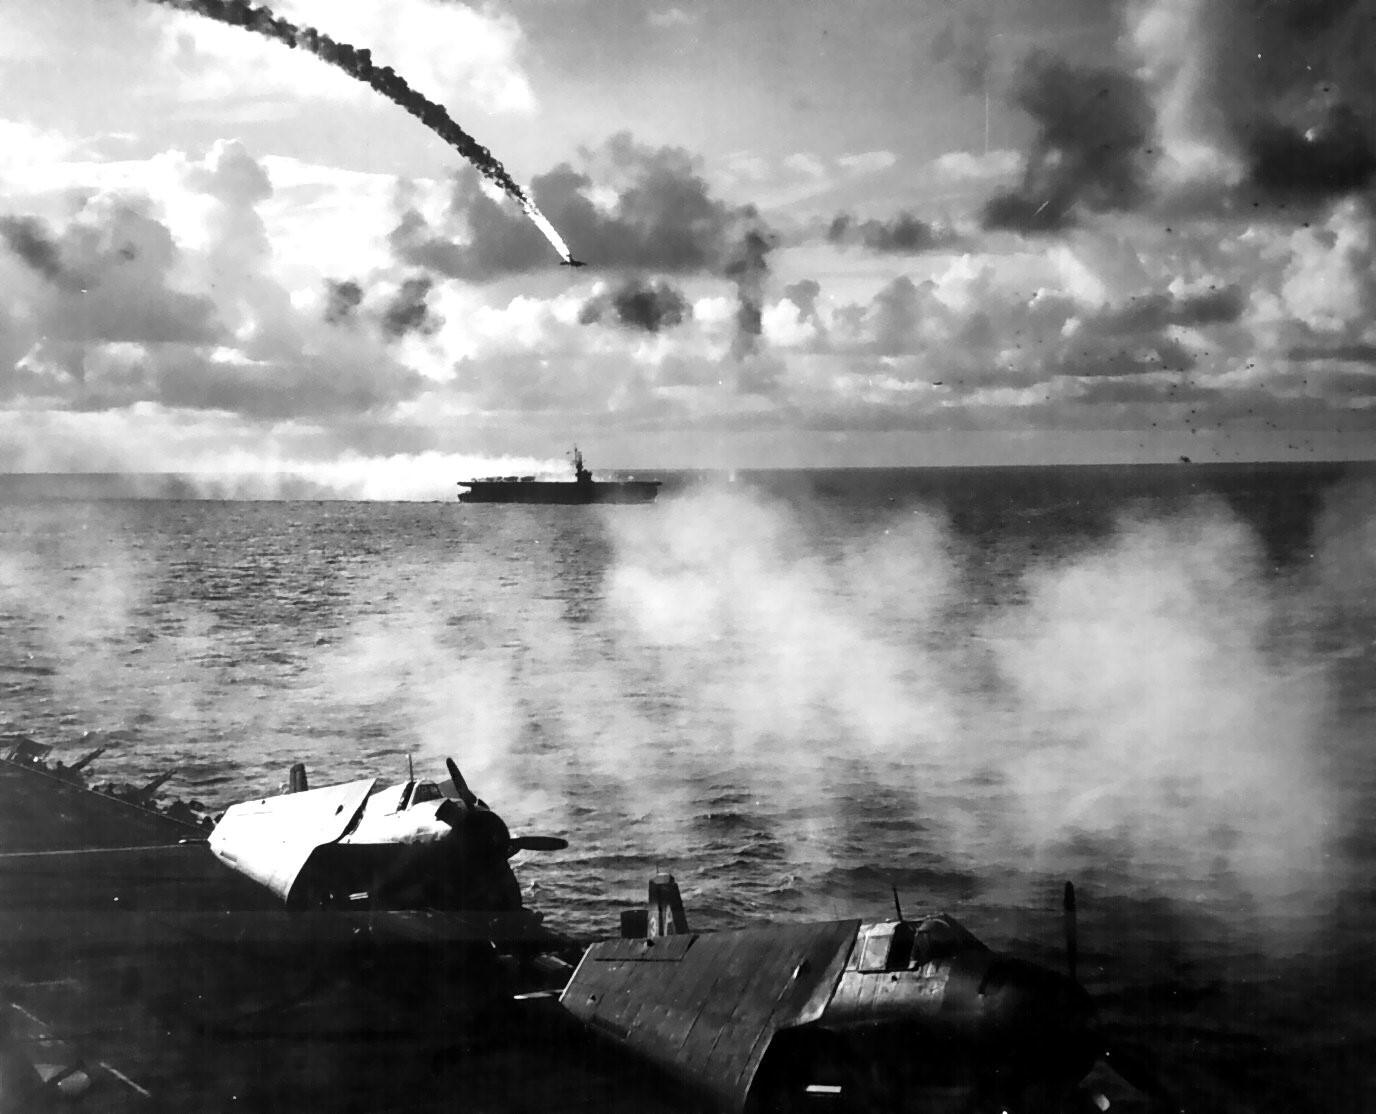 マリアナ沖海戦で撃墜される日本軍機